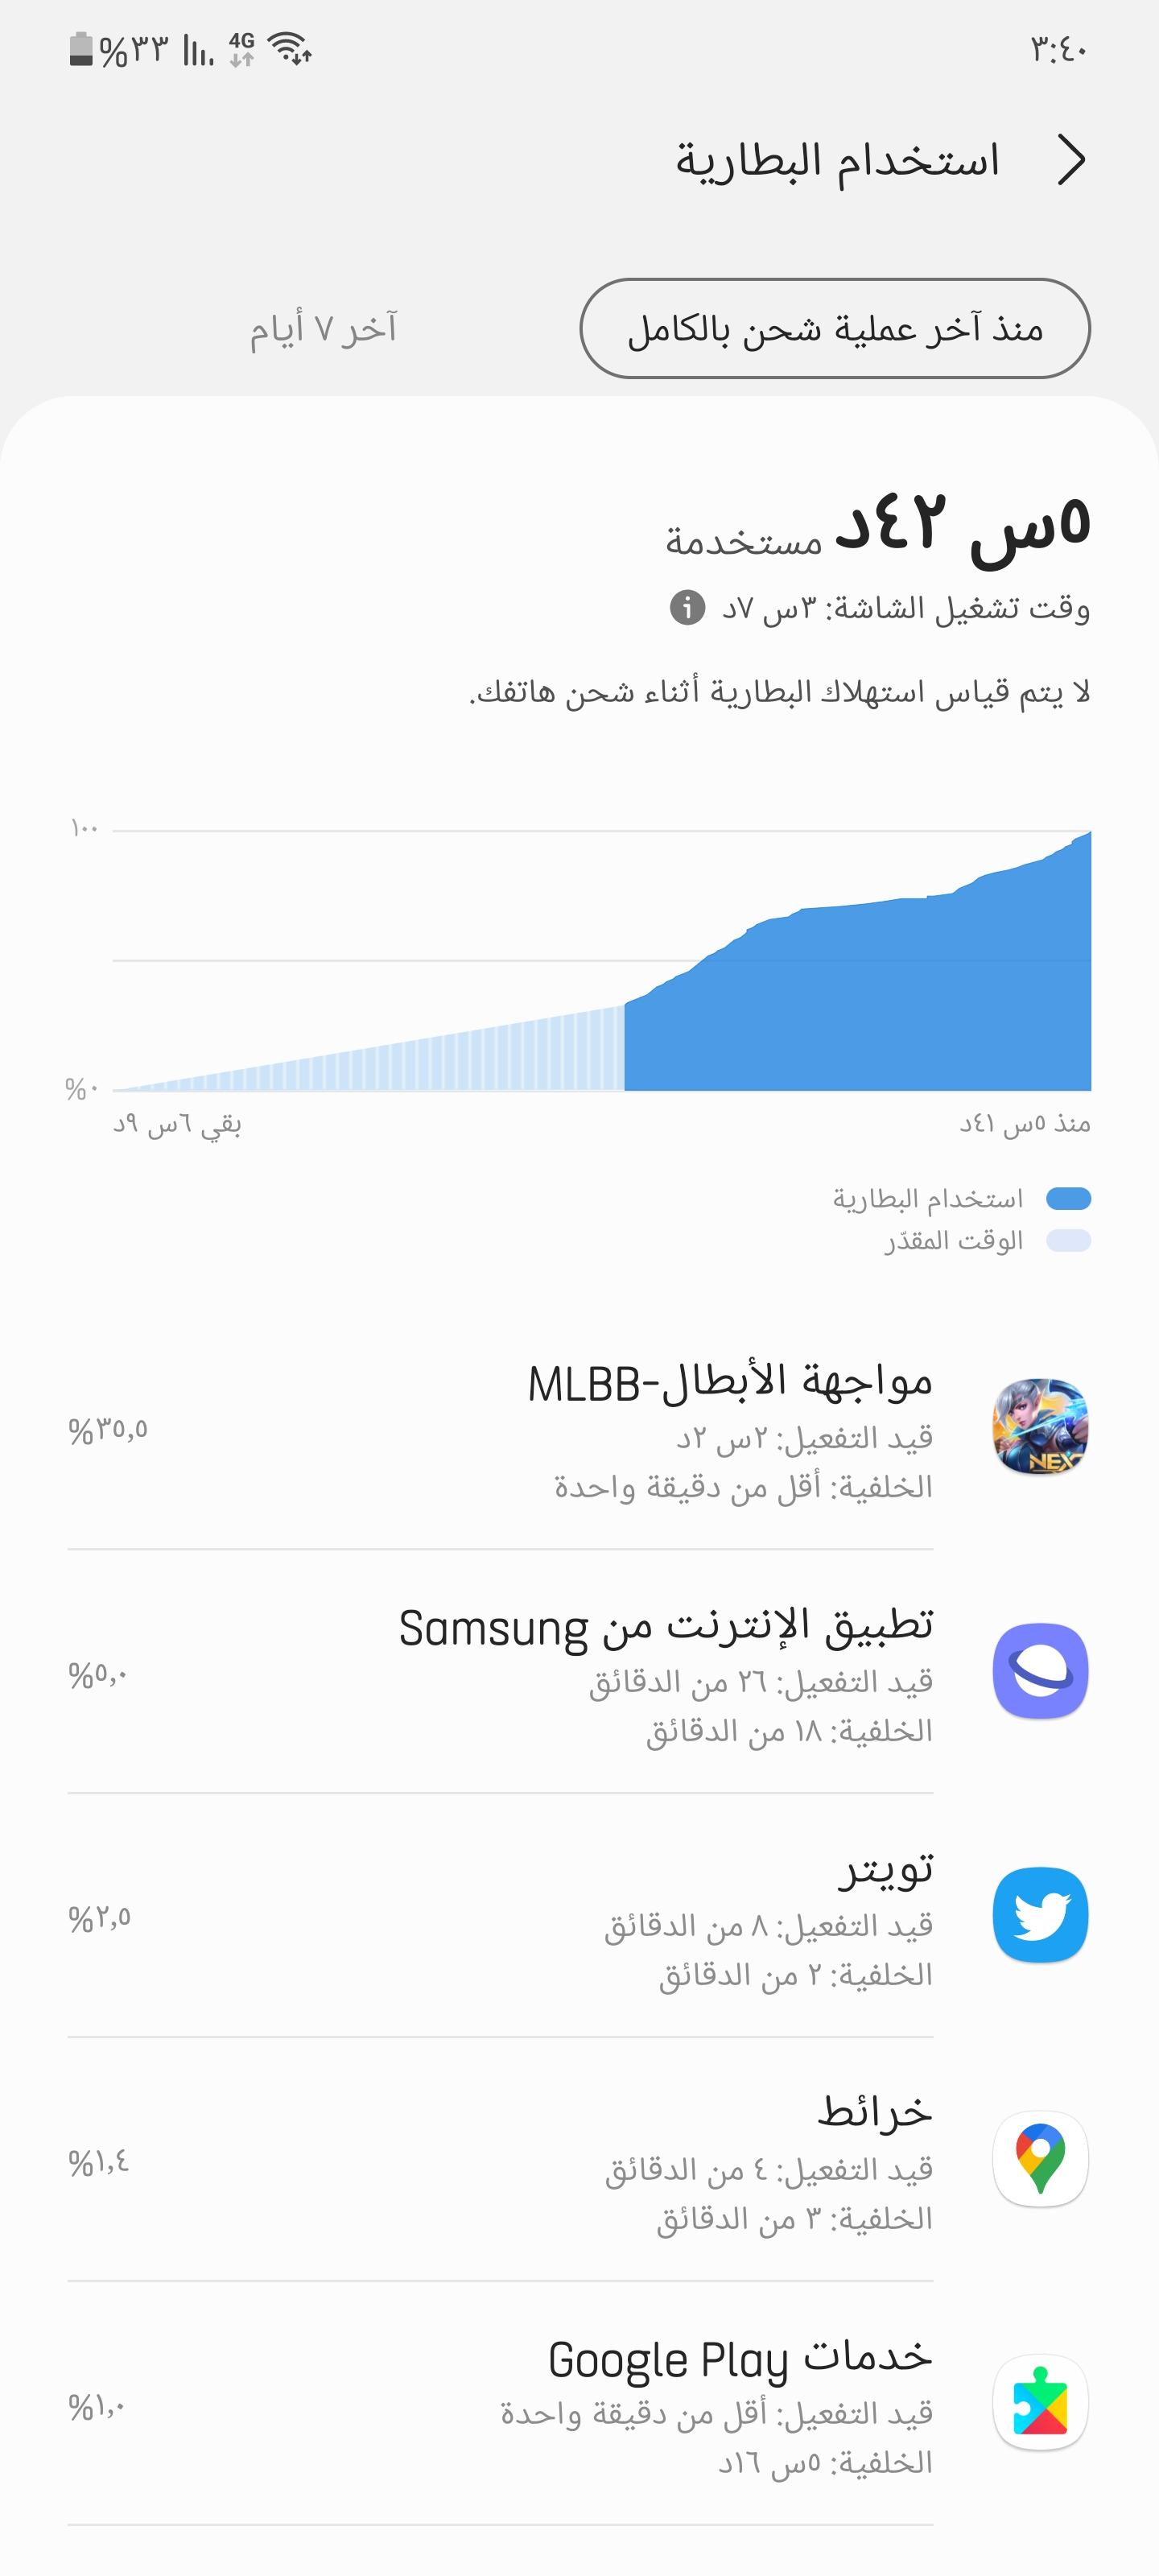 Screenshot_٢٠٢١٠٧٢٤-٠٣٤٠٥٨_Device care.jpg